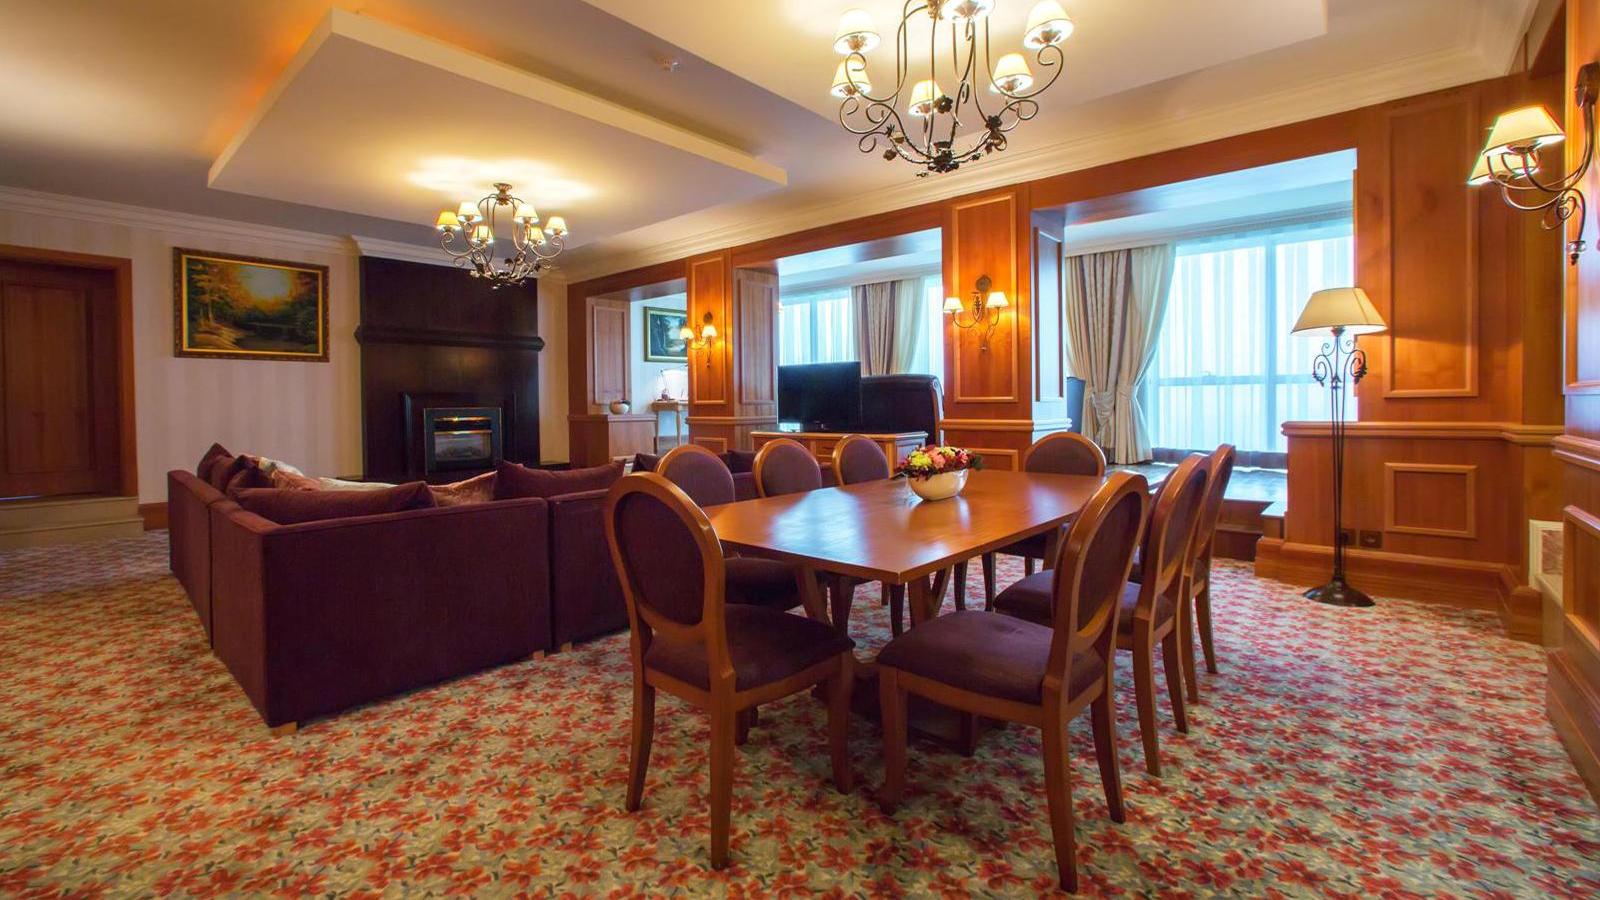 Отель Риксос Прикарпатье: полноценный отдых с комфортом